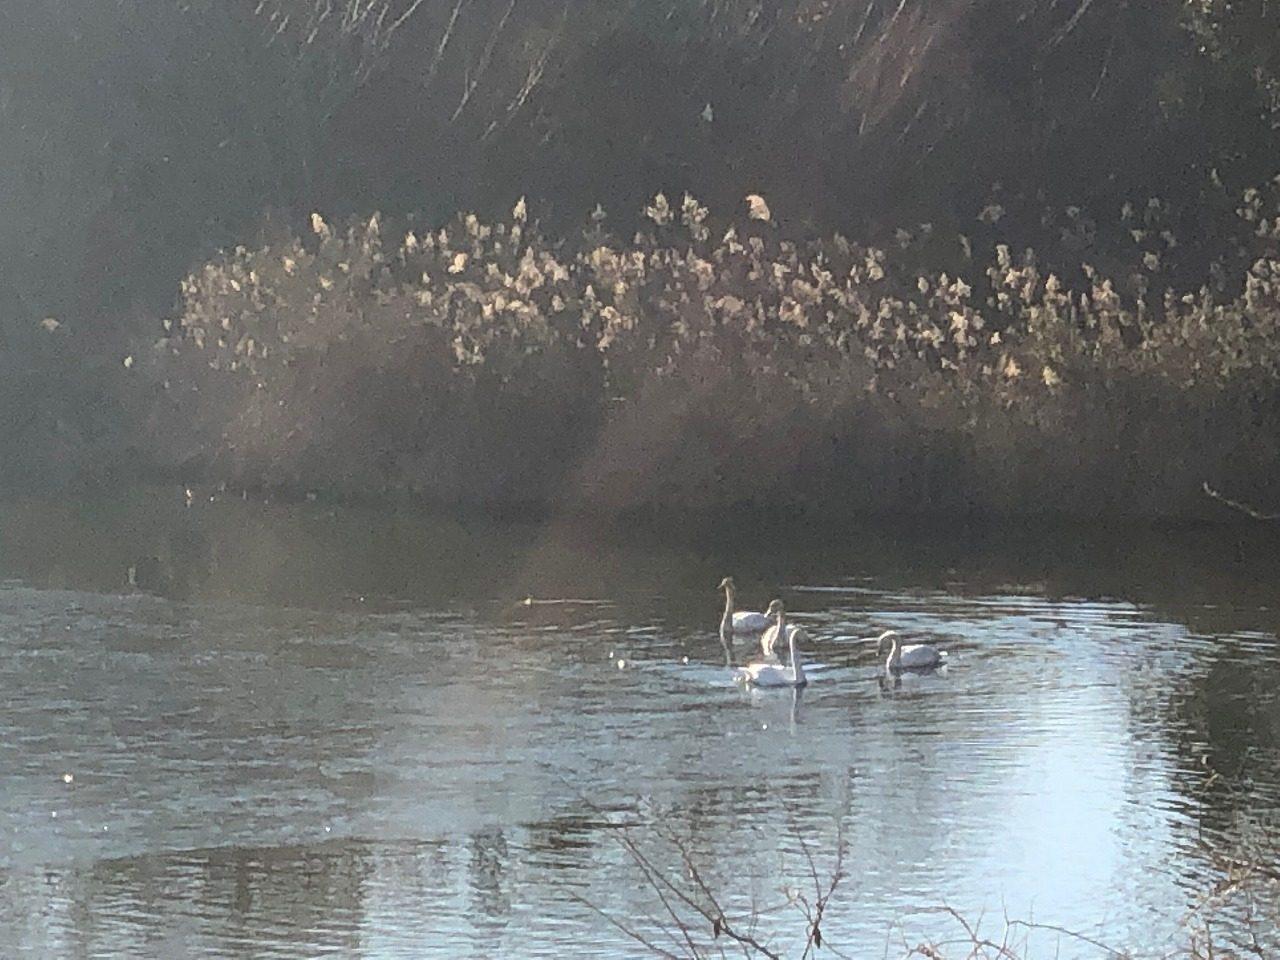 千葉の貯水池に白鳥なのだ